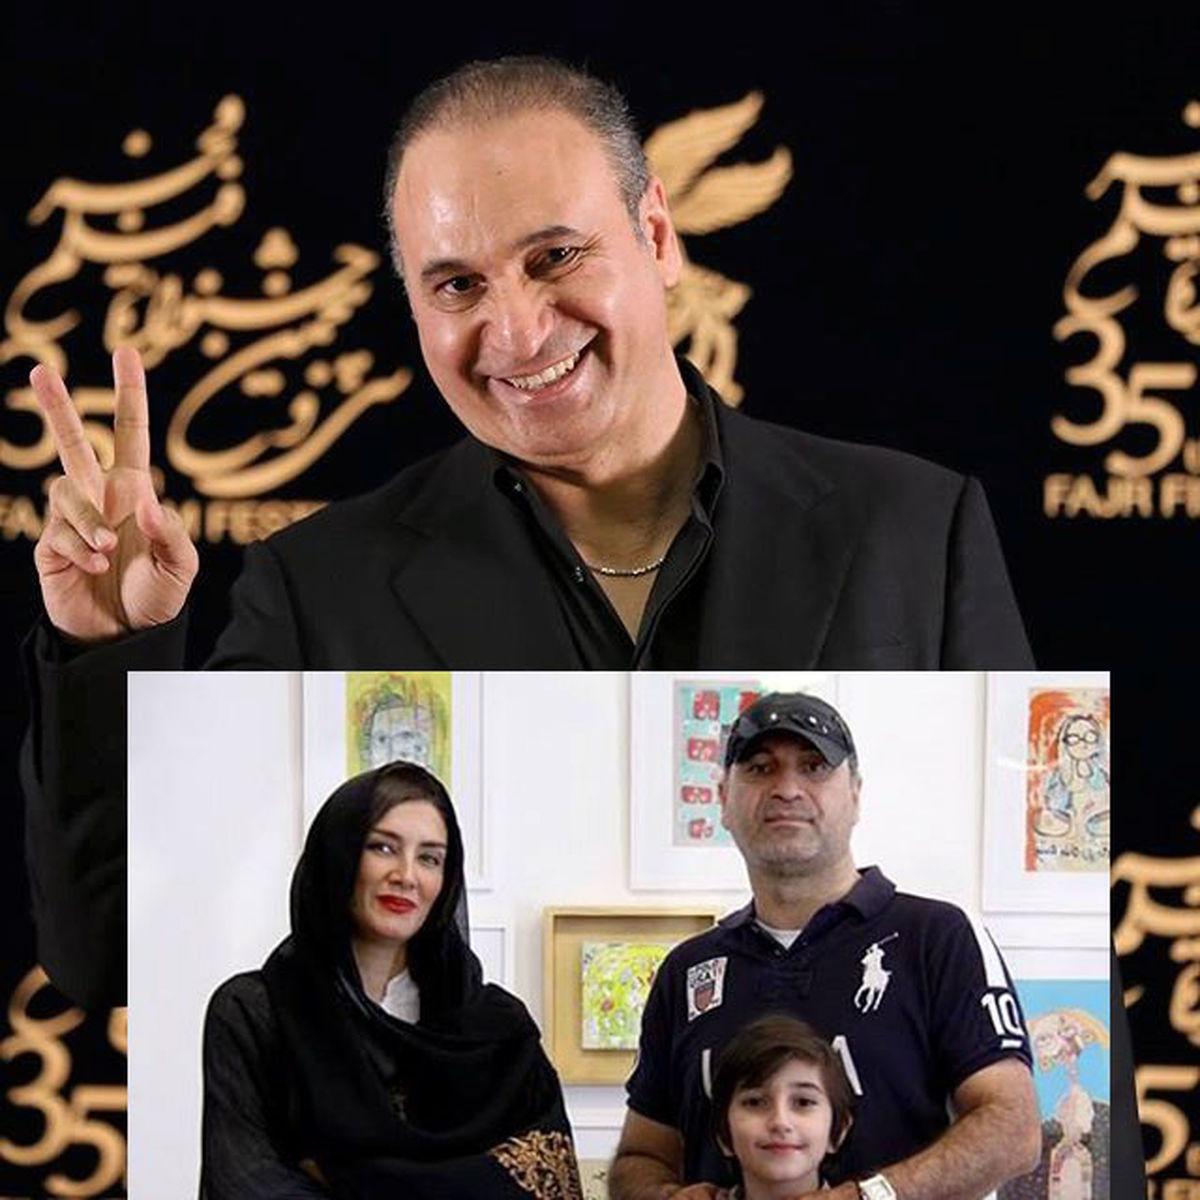 بیوگرافی حمید فرخ نژاد بازیگر سریال میدان سرخ | عکسهای حمید فرخ نژاد و همسرش